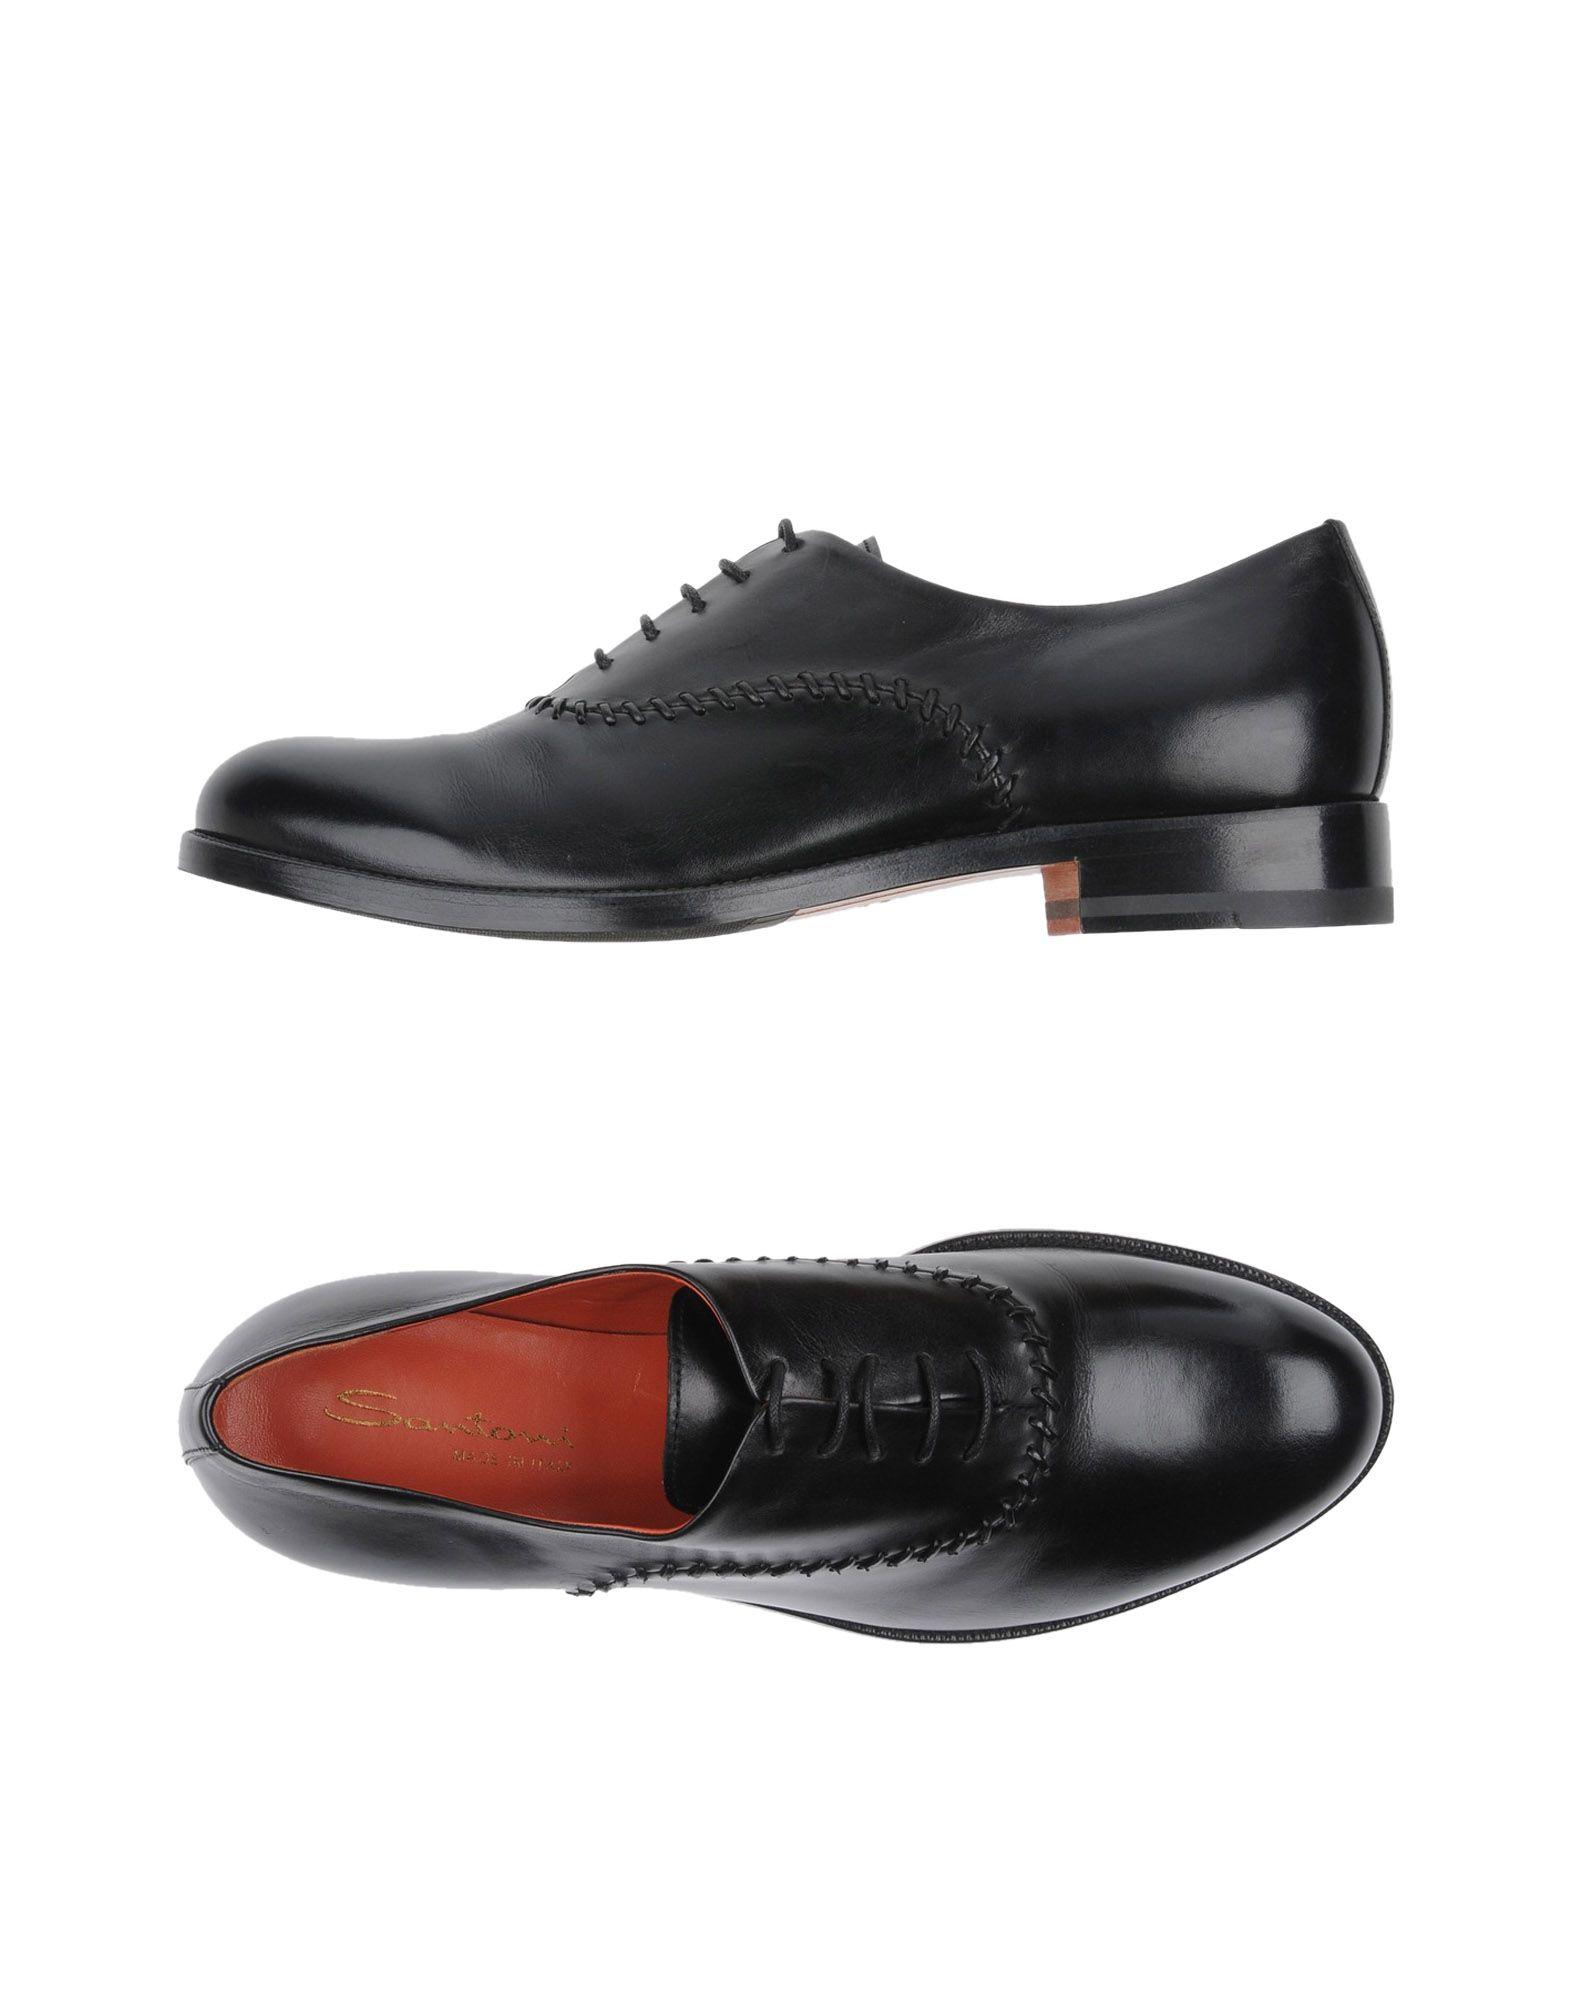 Santoni Schnürschuhe Damen gut  11290567KKGünstige gut Damen aussehende Schuhe e255c4